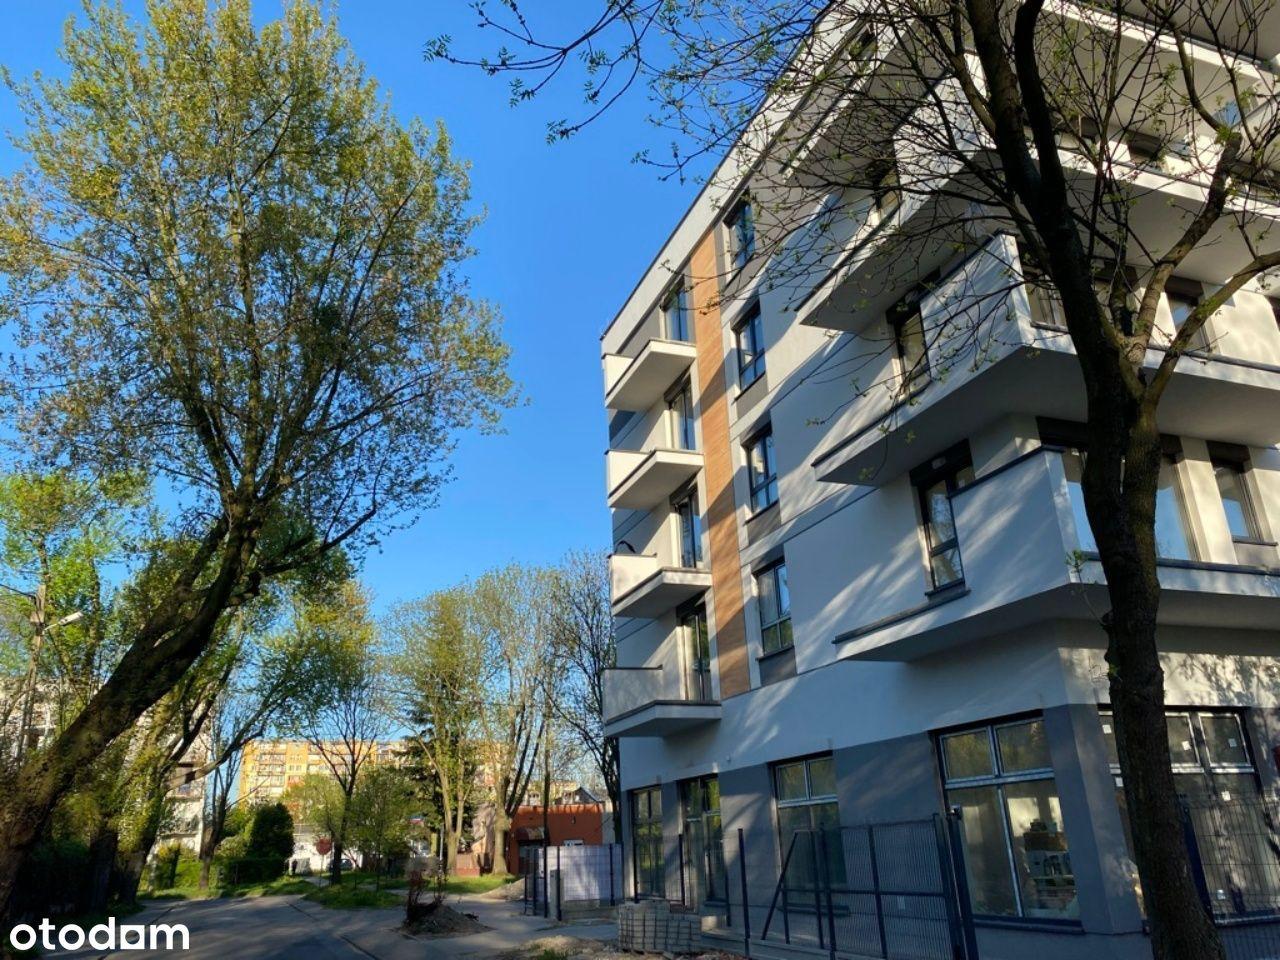 Apartament w stanie deweloperskim 4 pok, 2 balkony